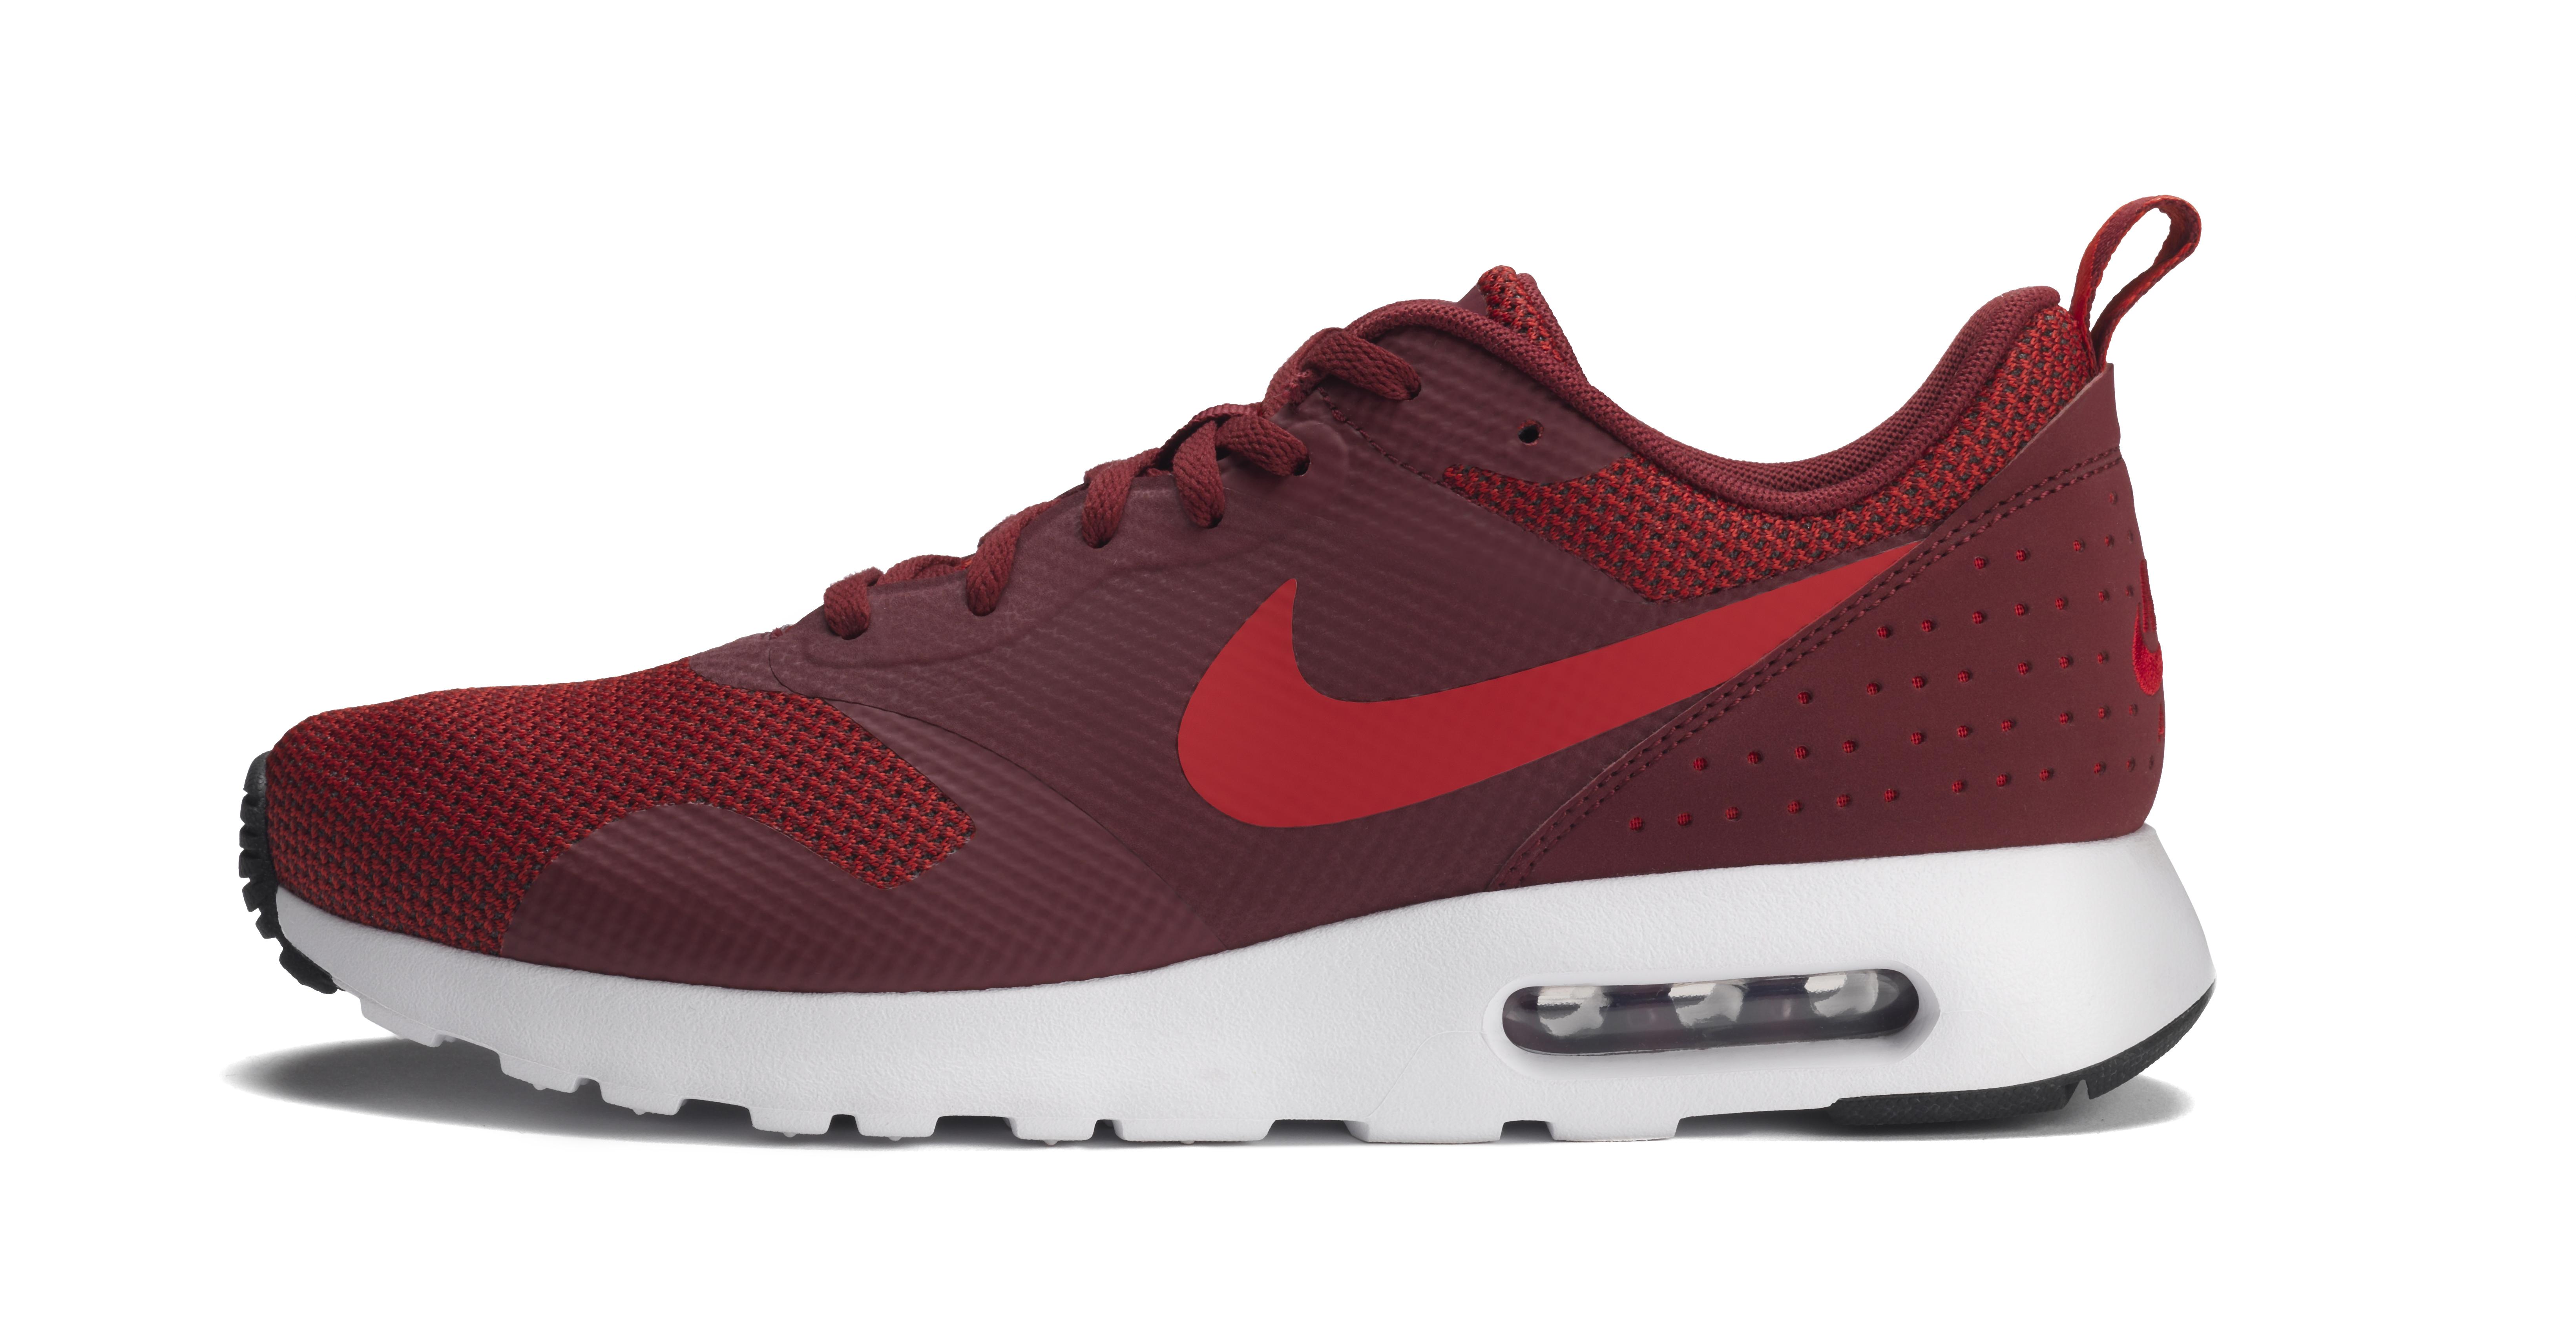 4209351304 - Nike Air Max Tavas